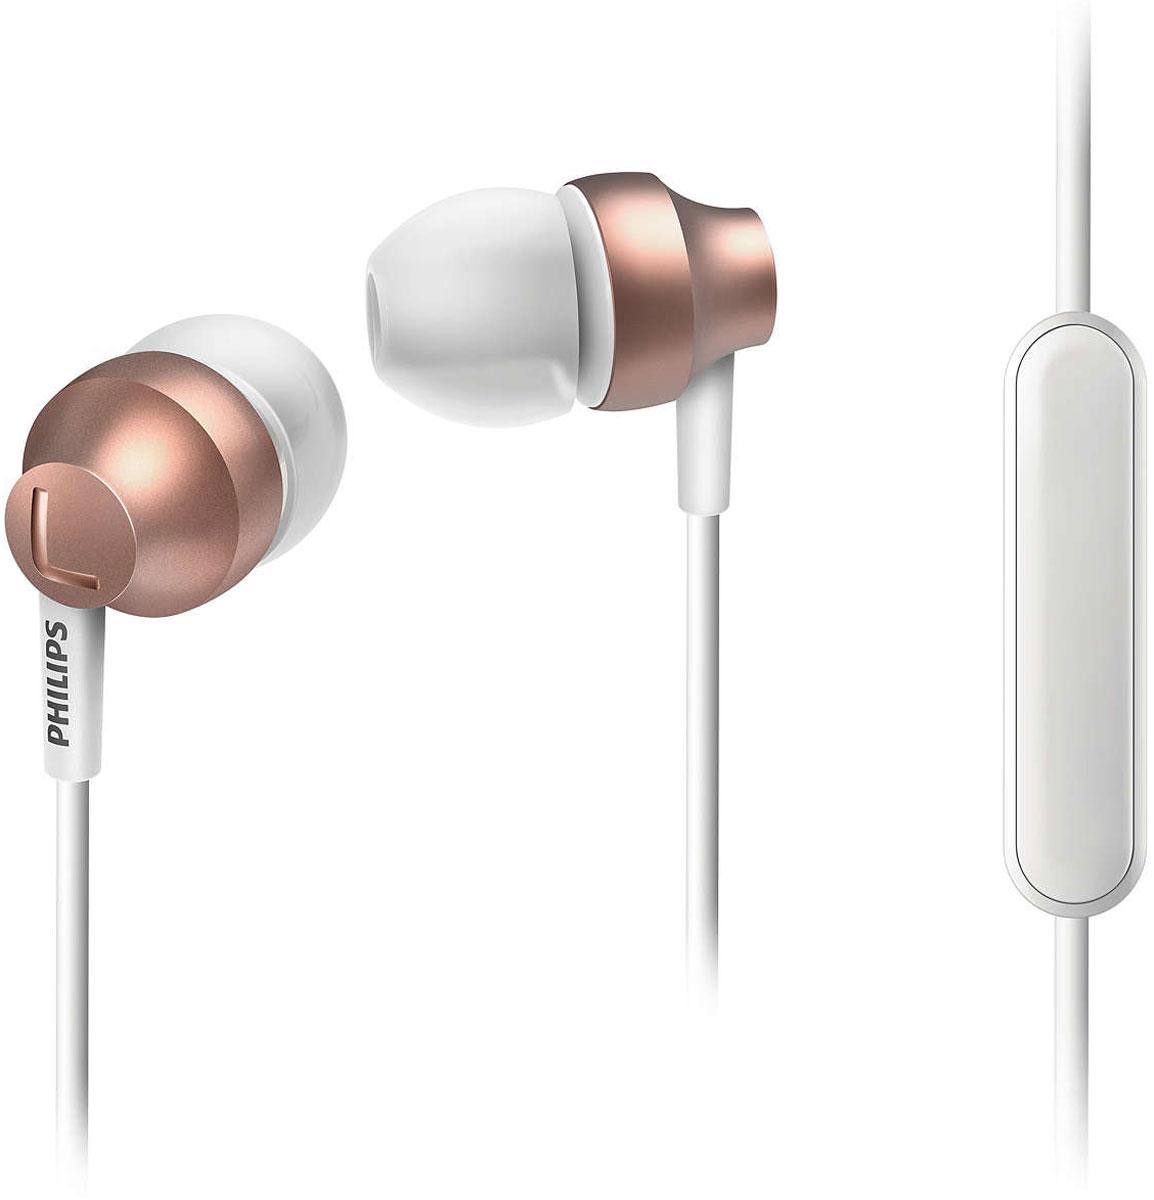 Philips SHE3855, Rose Gold наушникиSHE3855RG/00Стильные и удобные наушники-вкладыши Philips Chromz (SHE3855) с превосходным дизайном обеспечивают воспроизведение насыщенных басов. Цвета матовой отделки, выполненной методом вакуумной металлизации, соответствуют цветам iPhone 6s. В комплект входят насадки 3 размеров (маленькие, средние и большие), чтобы вы могли выбрать подходящий вариант для себя.Благодаря встроенному микрофону можно легко переключаться между режимами разговора и прослушивания музыки, чтобы всегда оставаться на связи.Качественная матовая отделка, выполненная методом вакуумной металлизации, обеспечивает дополнительную защиту.Эргономичная овальная звуковая трубка обеспечивает максимально комфортную посадку, подстраиваясь под форму уха.Ультракомпактные наушники с удобной посадкой полностью заполняют ушную раковину и заглушают внешние звуки.Компактные наушники-вкладыши Philips Chromz (SHE3855) с удобной посадкой и мощными излучателями обеспечивают чистый звук и мощный бас.Мягкий резиновый сгиб предотвращает повреждение контактов при многократном сгибании кабеля и продлевает срок службы наушников.